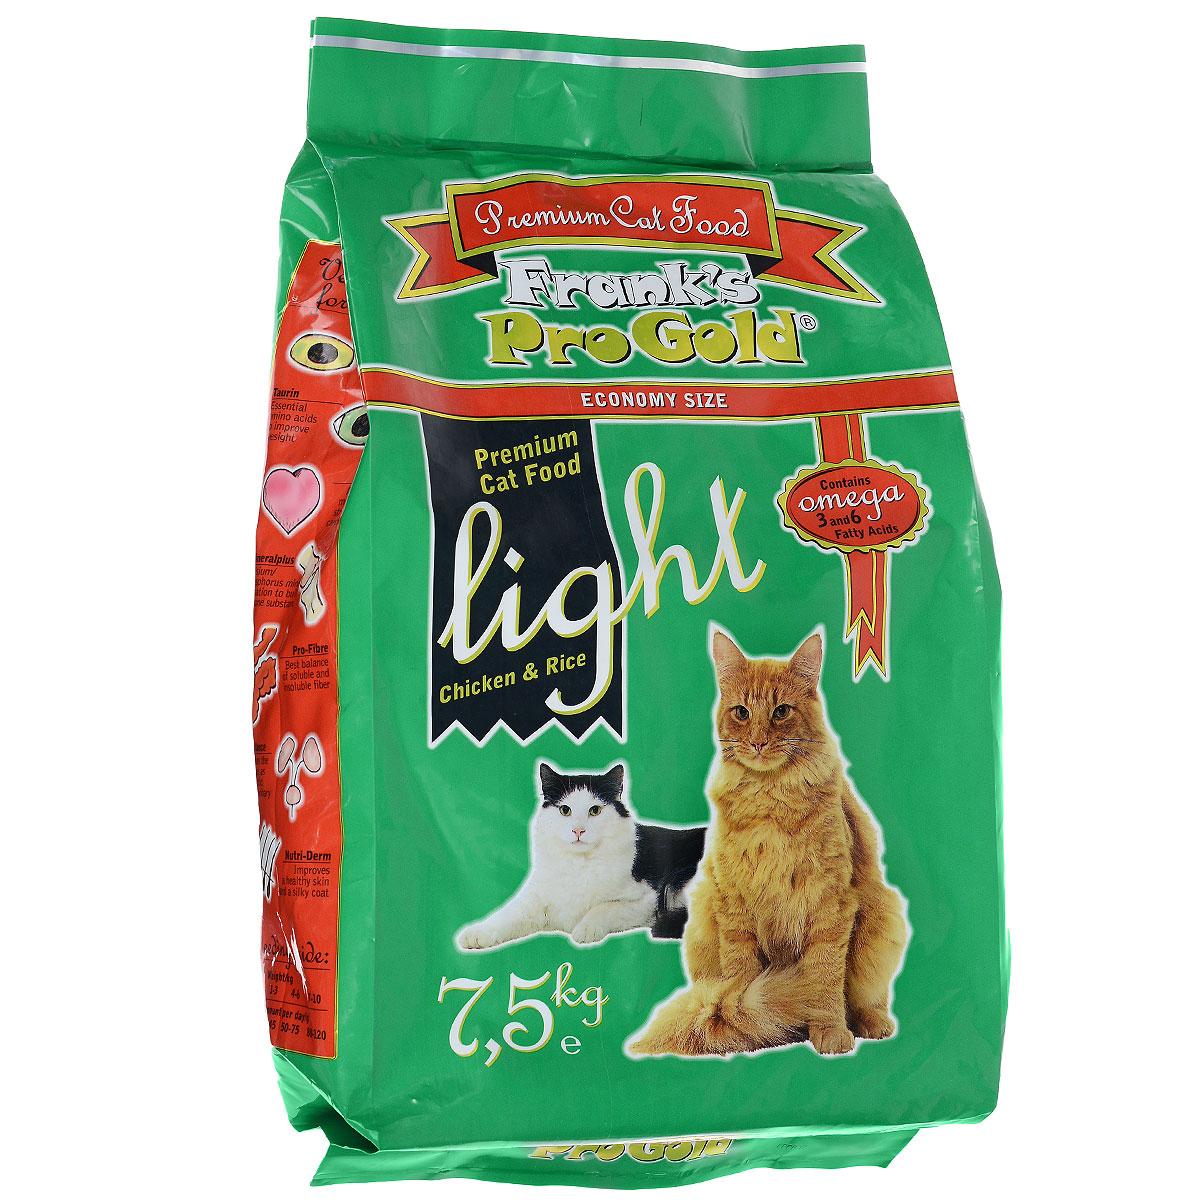 Корм сухой Franks ProGold для кошек, склонных к полноте, с курицей и рисом, 7,5 кг23294Сухой корм Franks ProGold - это полноценный сбалансированный корм для склонных к полноте кошек, а также после кастрации и стерилизации. Каждая четвертая кошка страдает избыточным весом. Однажды появившийся избыточный вес имеет тенденцию сохраняться и даже увеличиваться. Лишние килограммы могут повредить здоровью вашей кошки. Чтобы вернуть кошке идеальный вес, необходимы разумные ограничения рациона. Состав: мясо курицы, рис, маис, рыбное филе, печень птицы, кукурузная мука, мякоть свеклы, куриный жир, дрожжи, рыбий жир, минералы и витамины, фруктоолигосахариды (минимум 0,5%), лецитин, холинхлорид, витамин У, витамин С. Пищевая ценность: белки 29,0%, жиры 12,0%, клетчатка 2,5%, зола 6,5%, влажность 8,0%, фосфор 0,9%, кальций 1,0%, натрий 0,4%, магний 0,08%. Калорийность: 3505 ккал/кг. Товар сертефицирован.